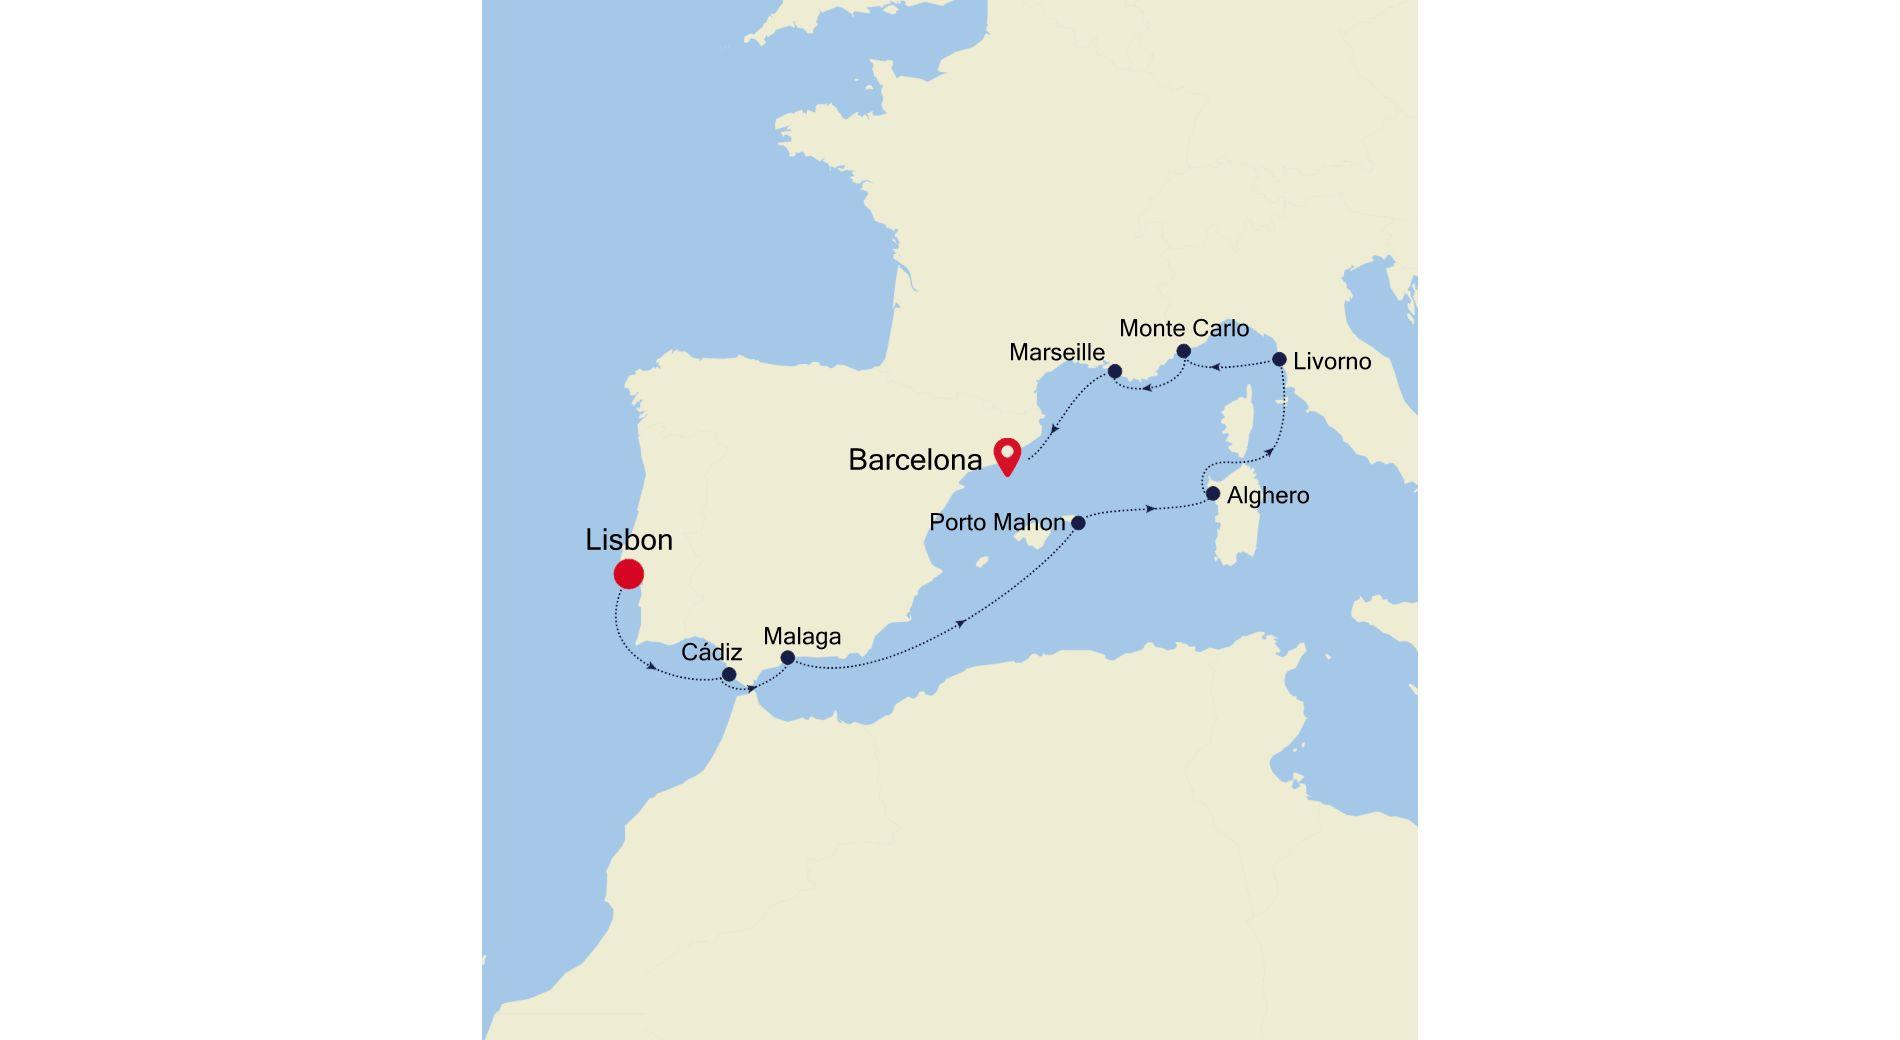 5911 - Lisbon to Barcelona